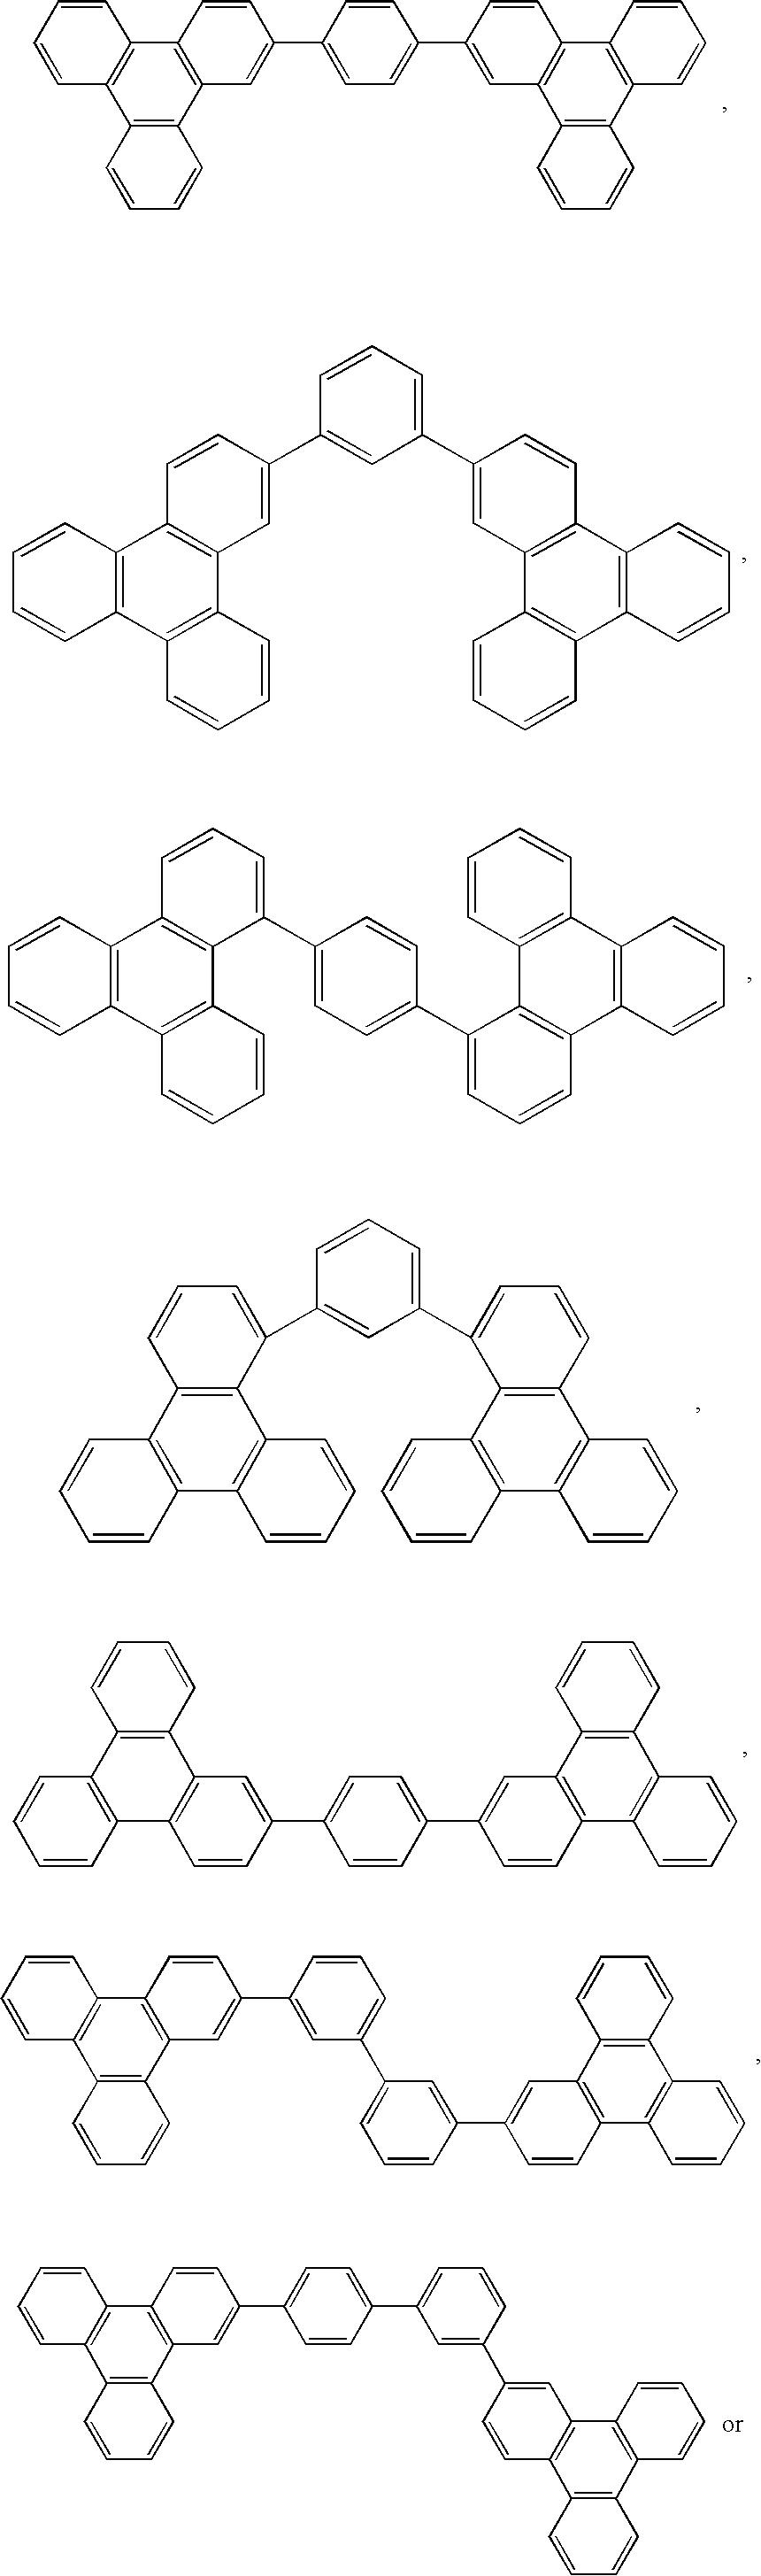 Figure US20060280965A1-20061214-C00055